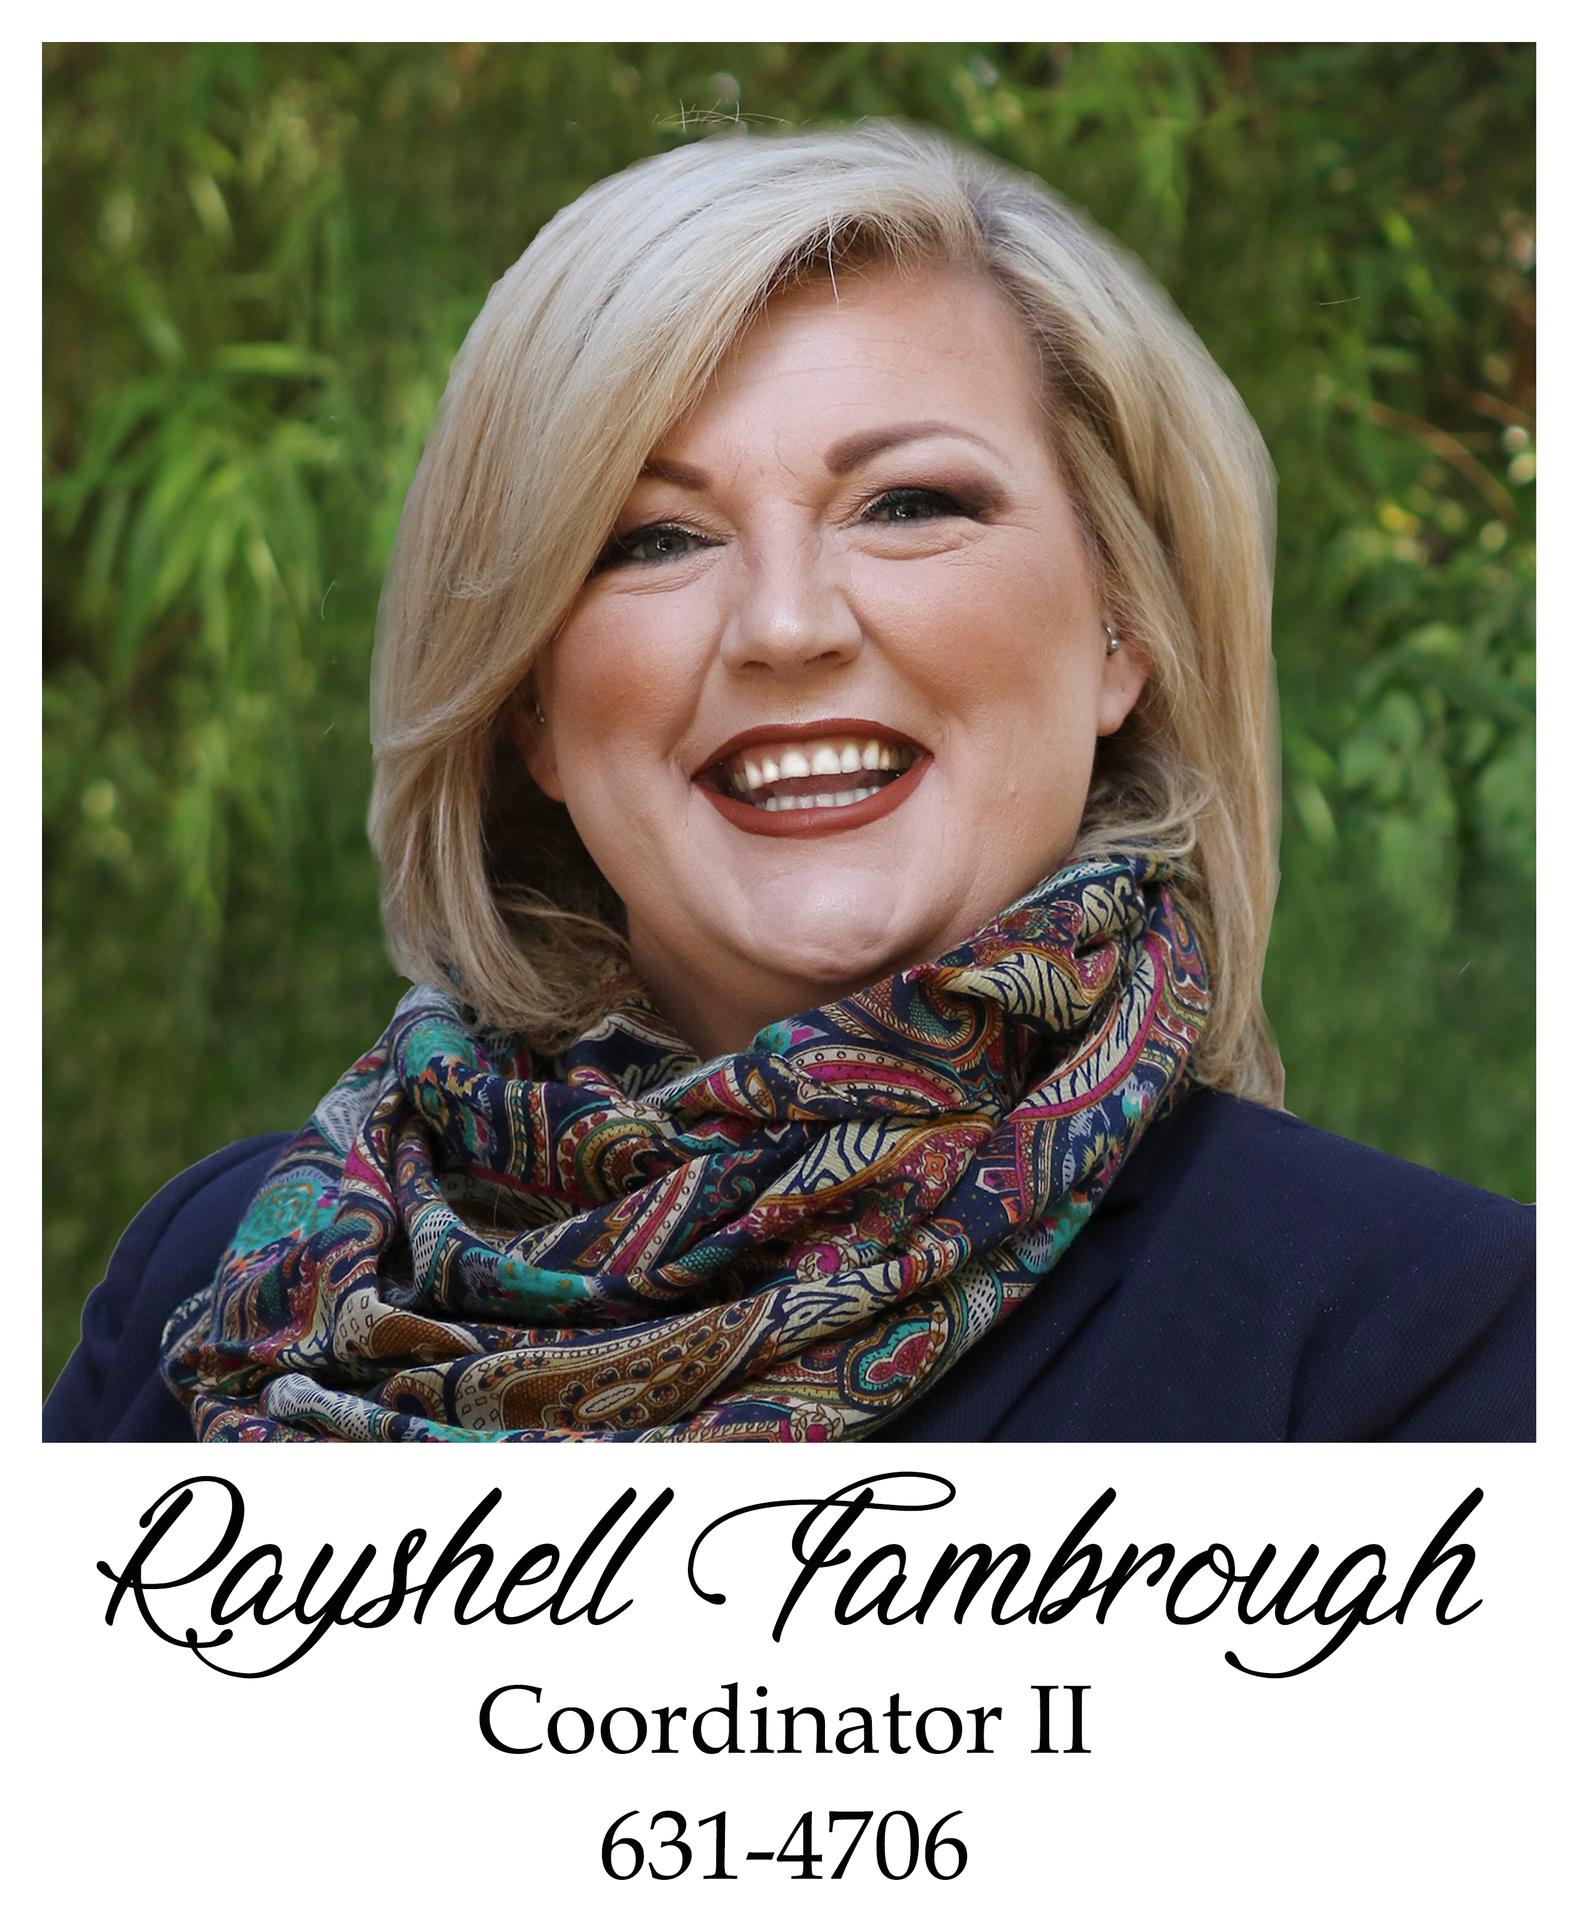 Rayshell Fambrough